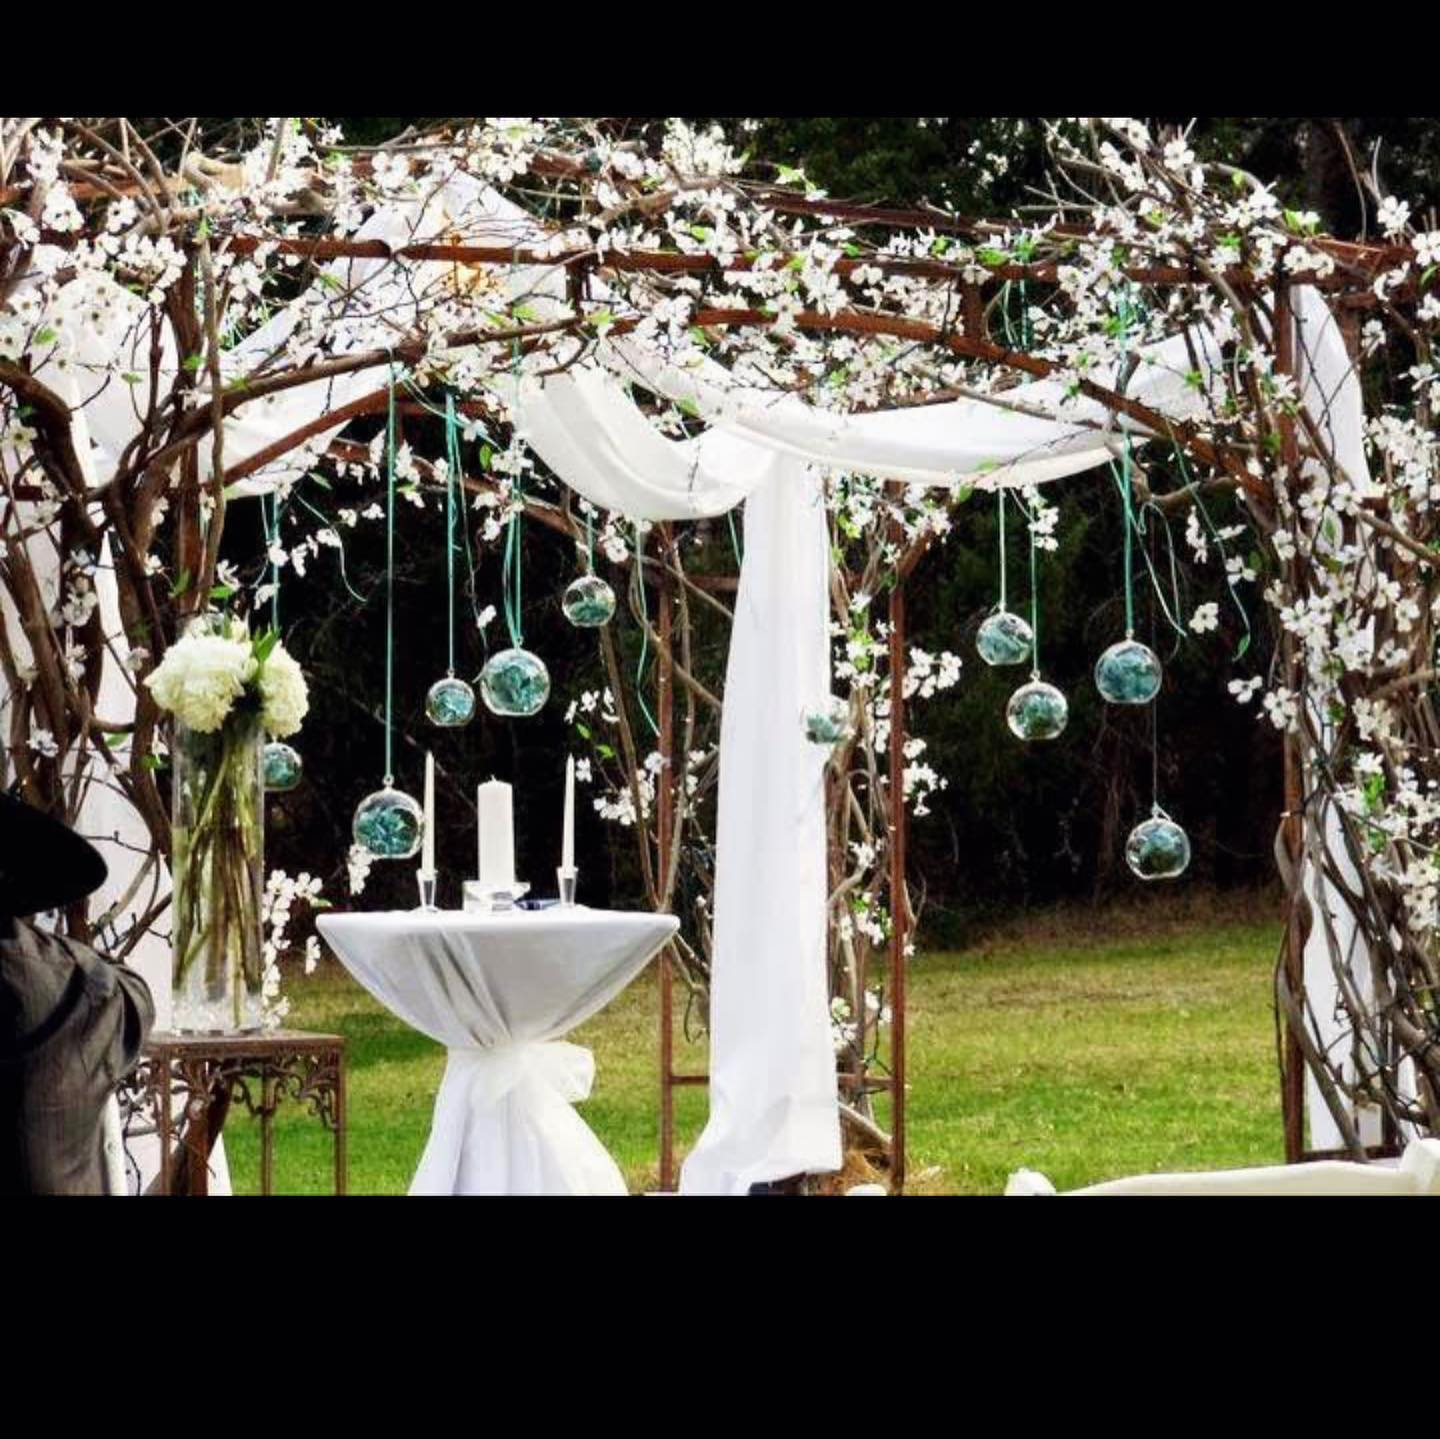 Tuscany Wedding Venue in San Antonio